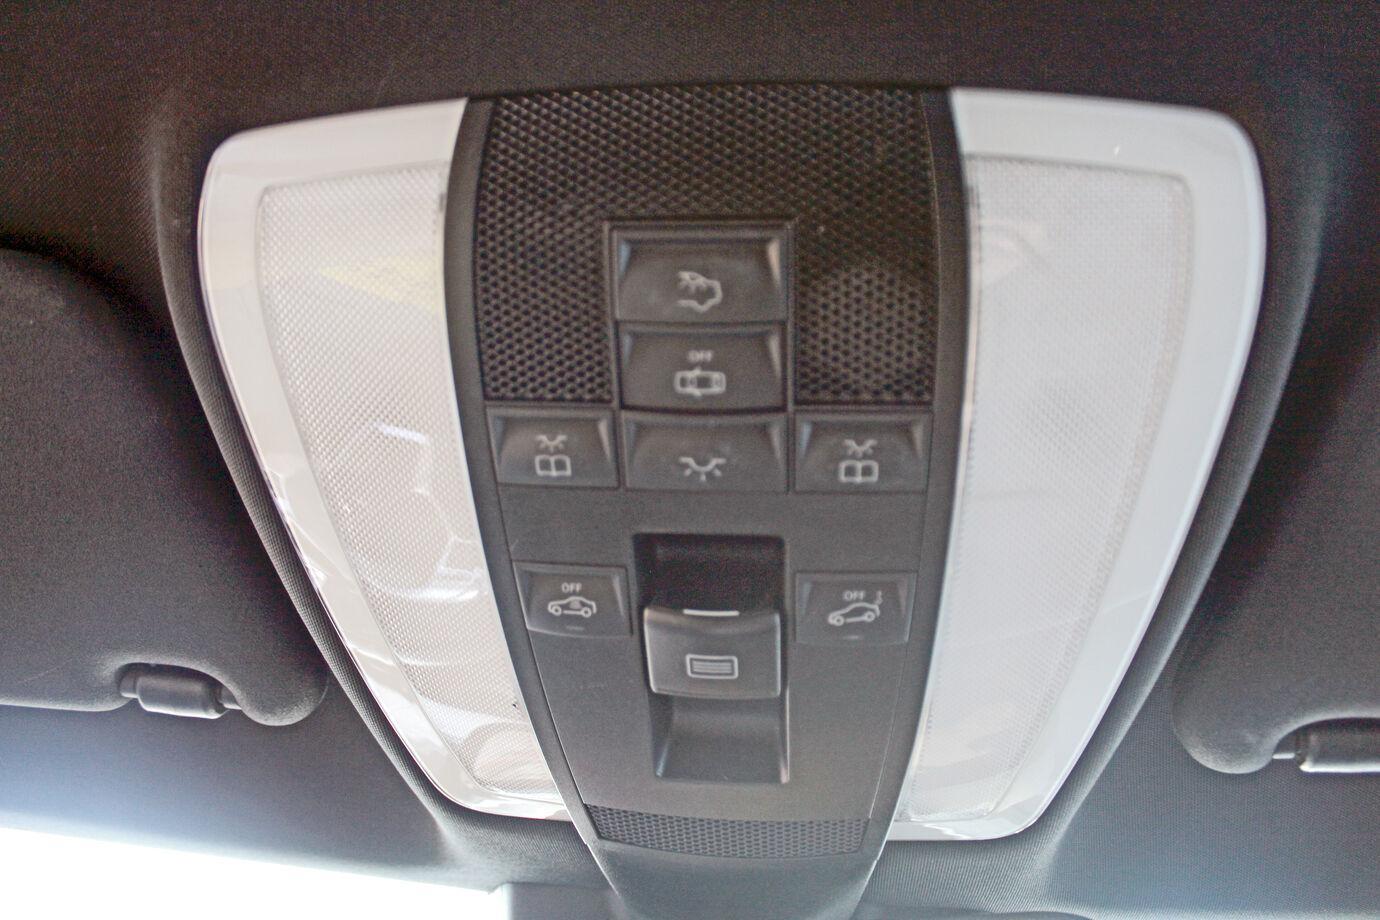 Mercedes-Benz E-Класс, IV (W212, S212, C207) Рестайлинг 2013г.